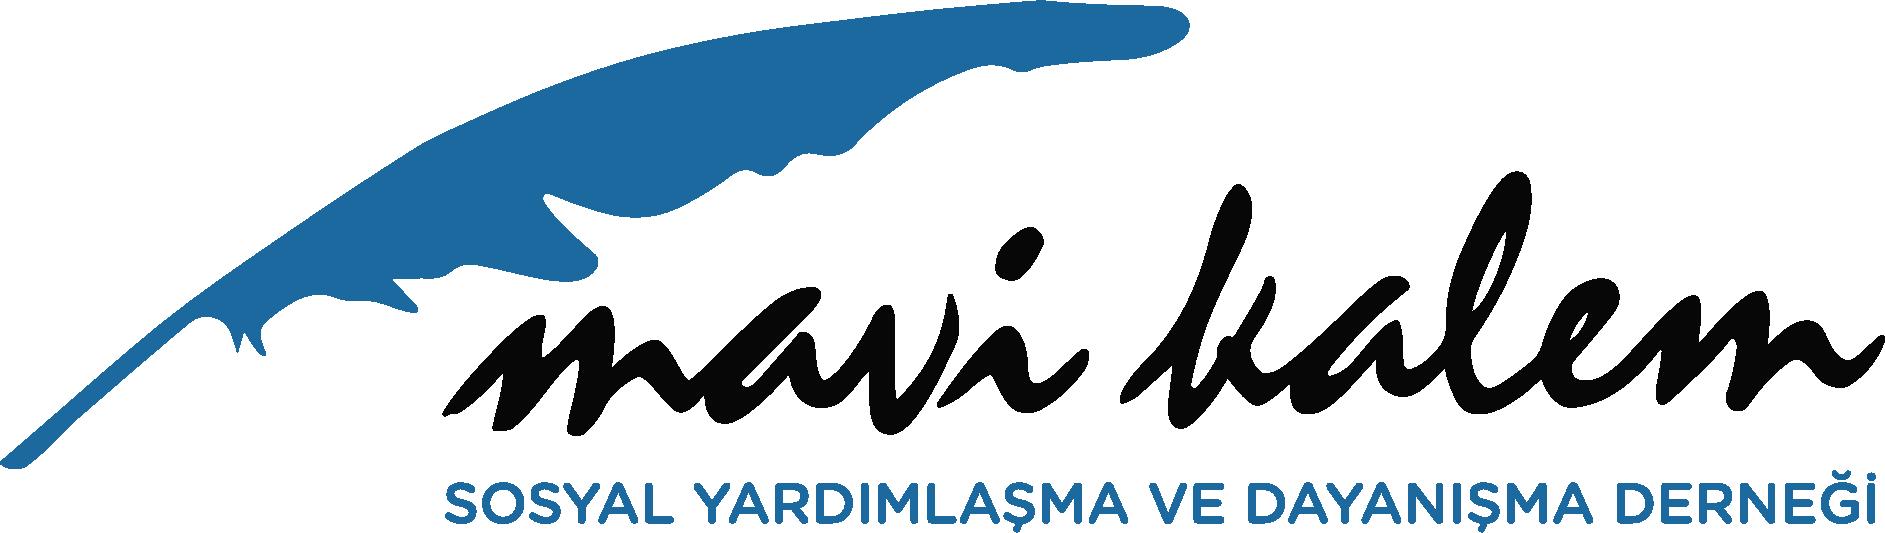 mavi-kalem-logo-01